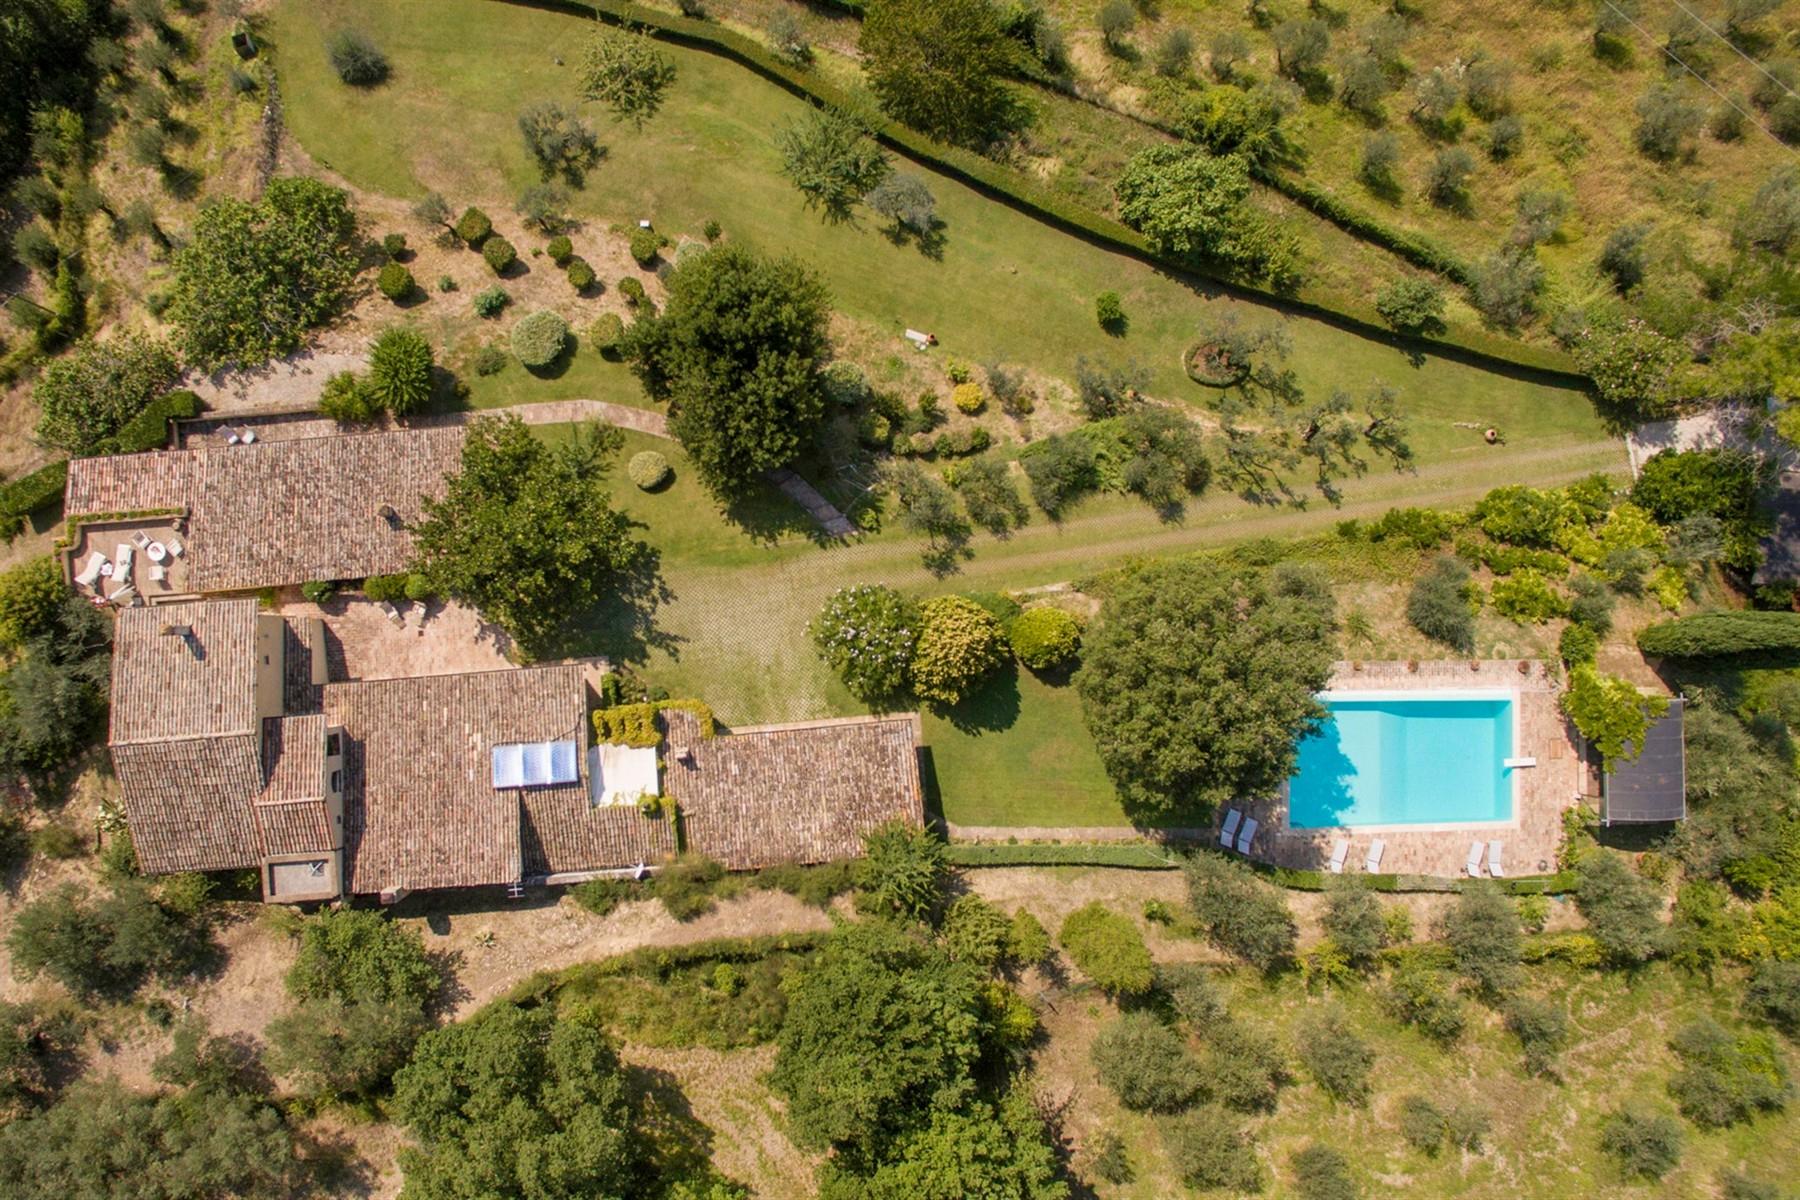 Villa in Vendita a Foligno: 5 locali, 350 mq - Foto 2